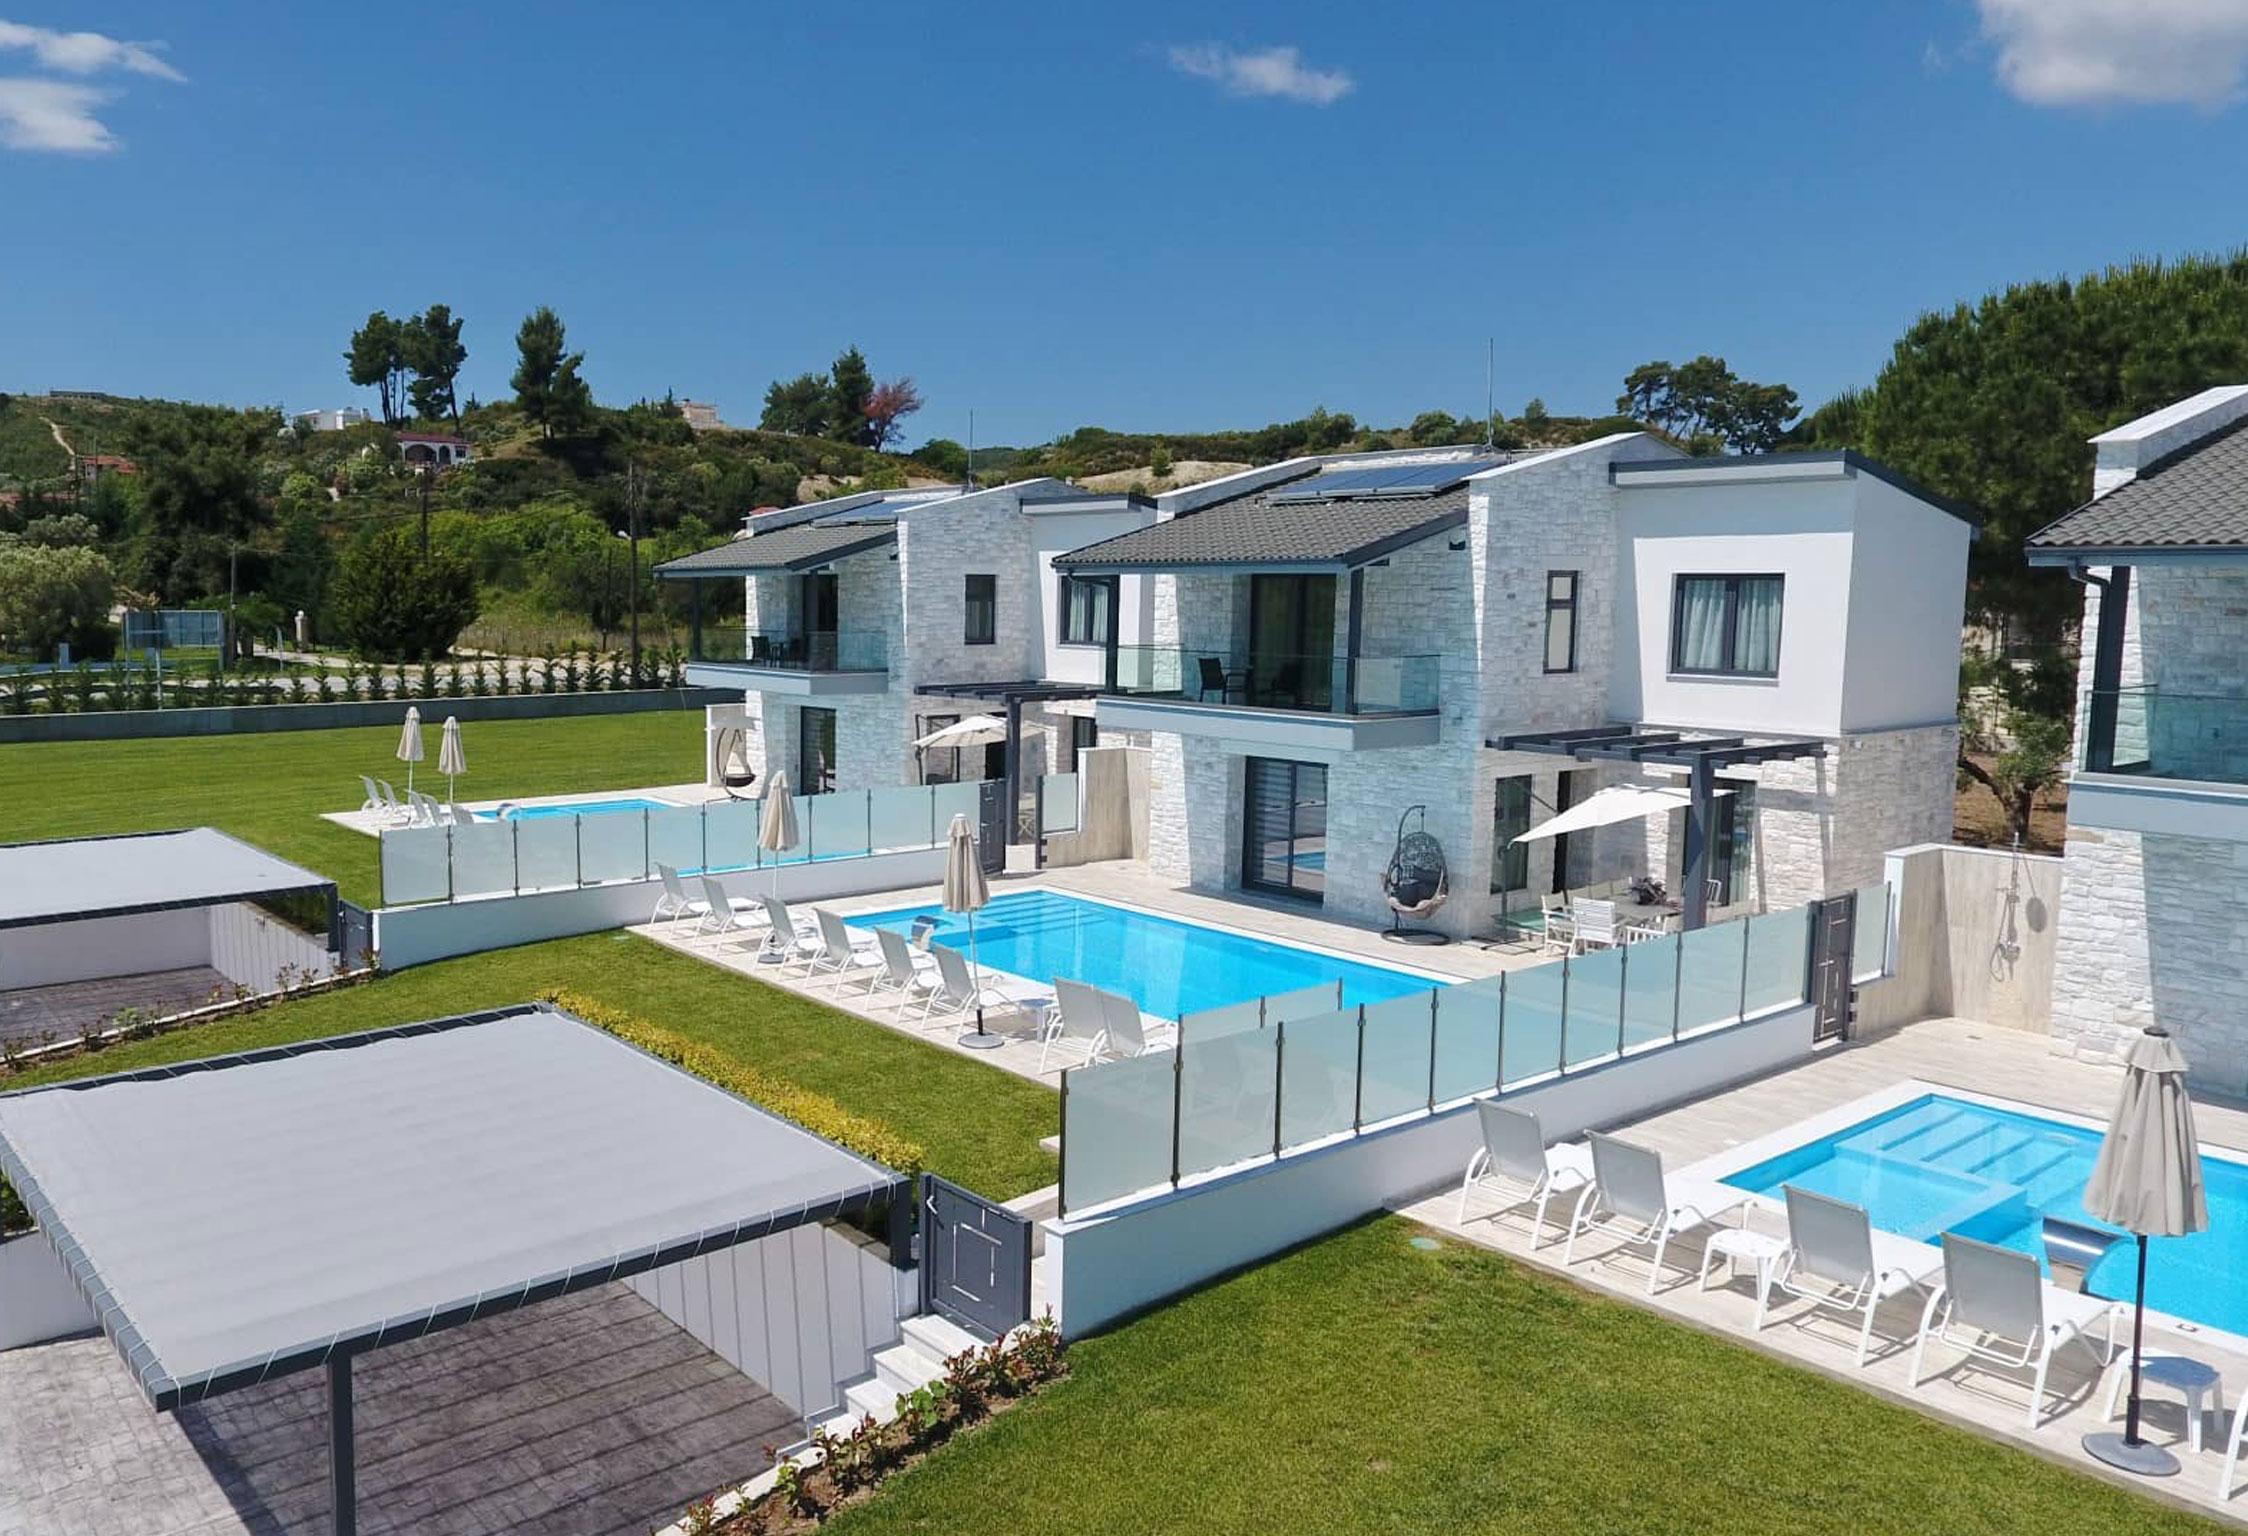 Halkidiki Villa Almyra jumbotron image